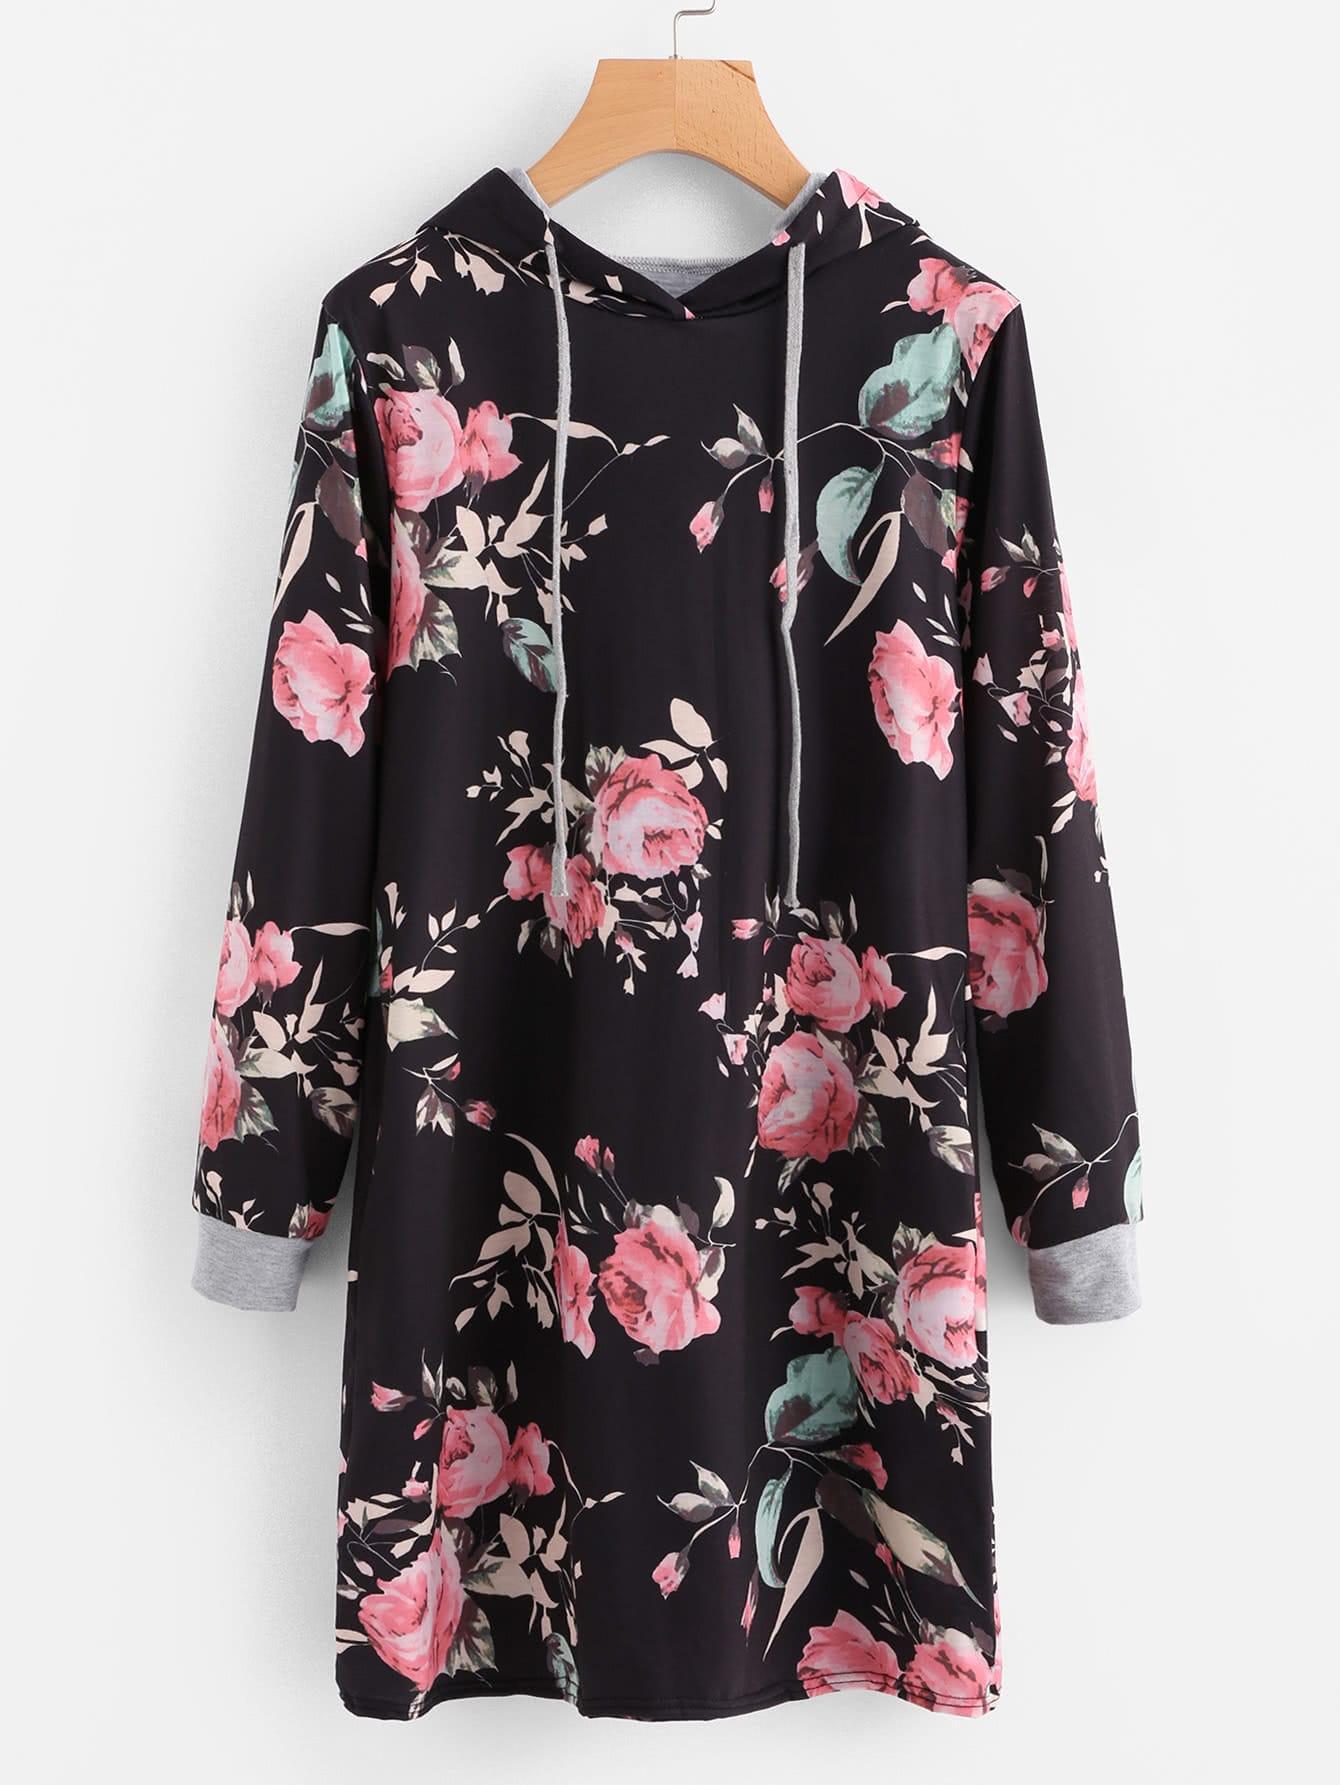 Hooded Floral Print Sweatshirt Dress hooded letter print asymmetric sweatshirt dress